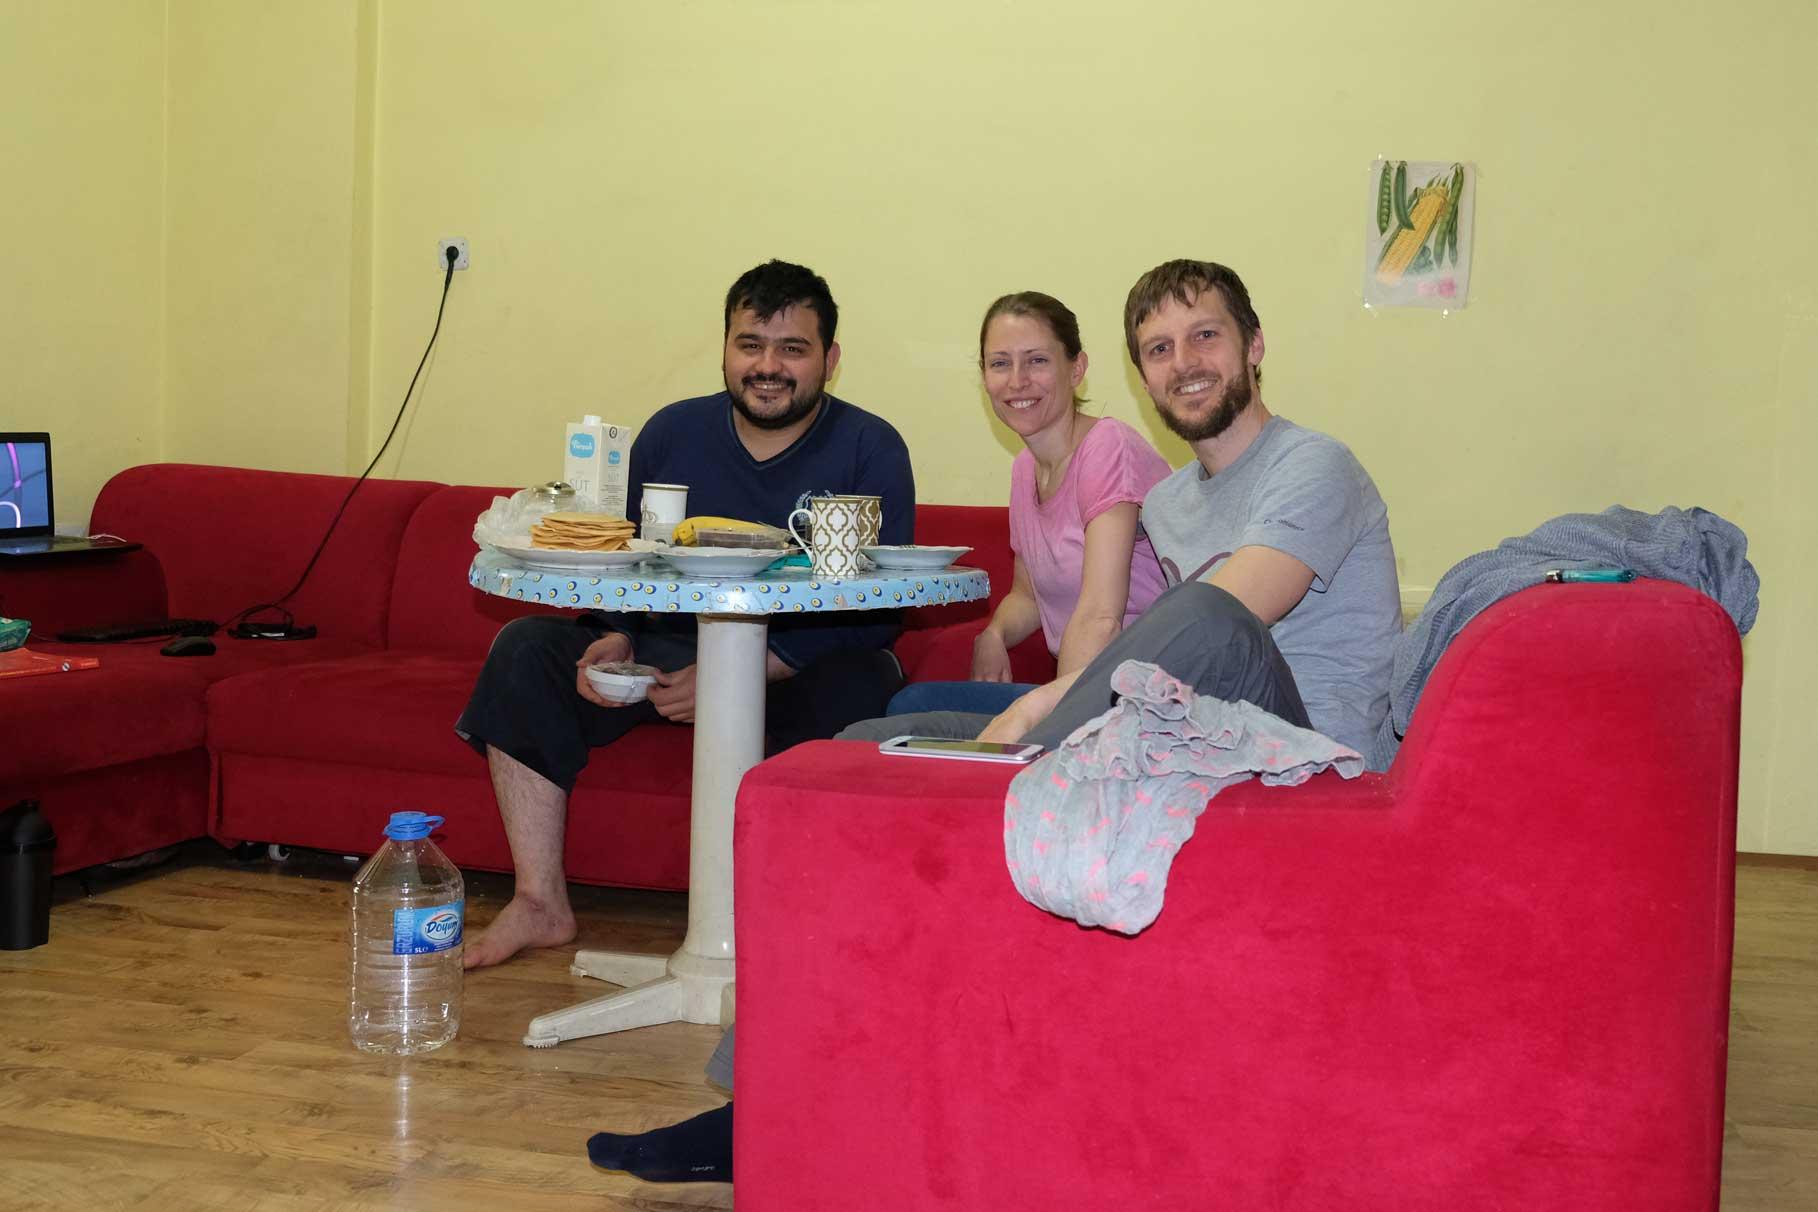 Unser Abschiedsfrühstück - endlich mal Pfannkuchen! - mit unserem Gastgeber Refik